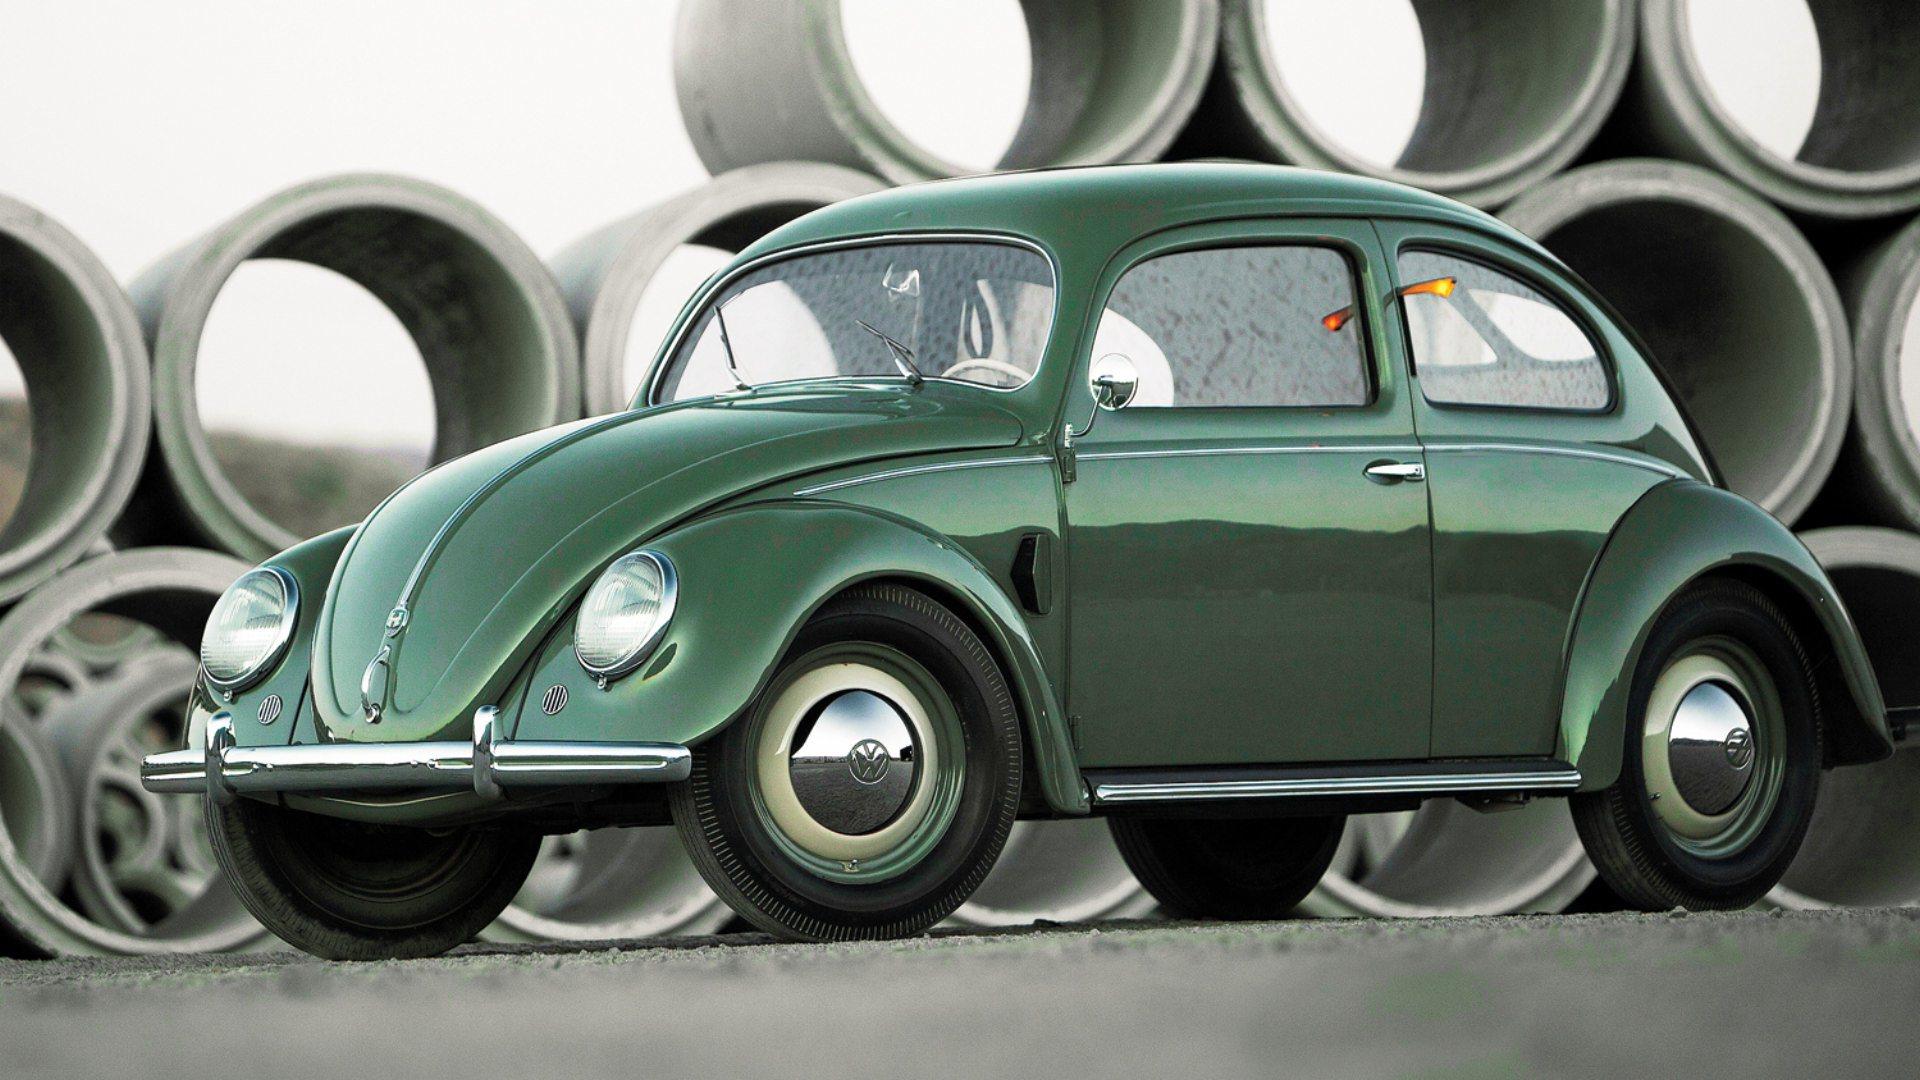 Volkswagen Beetle Classic Wallpup Com